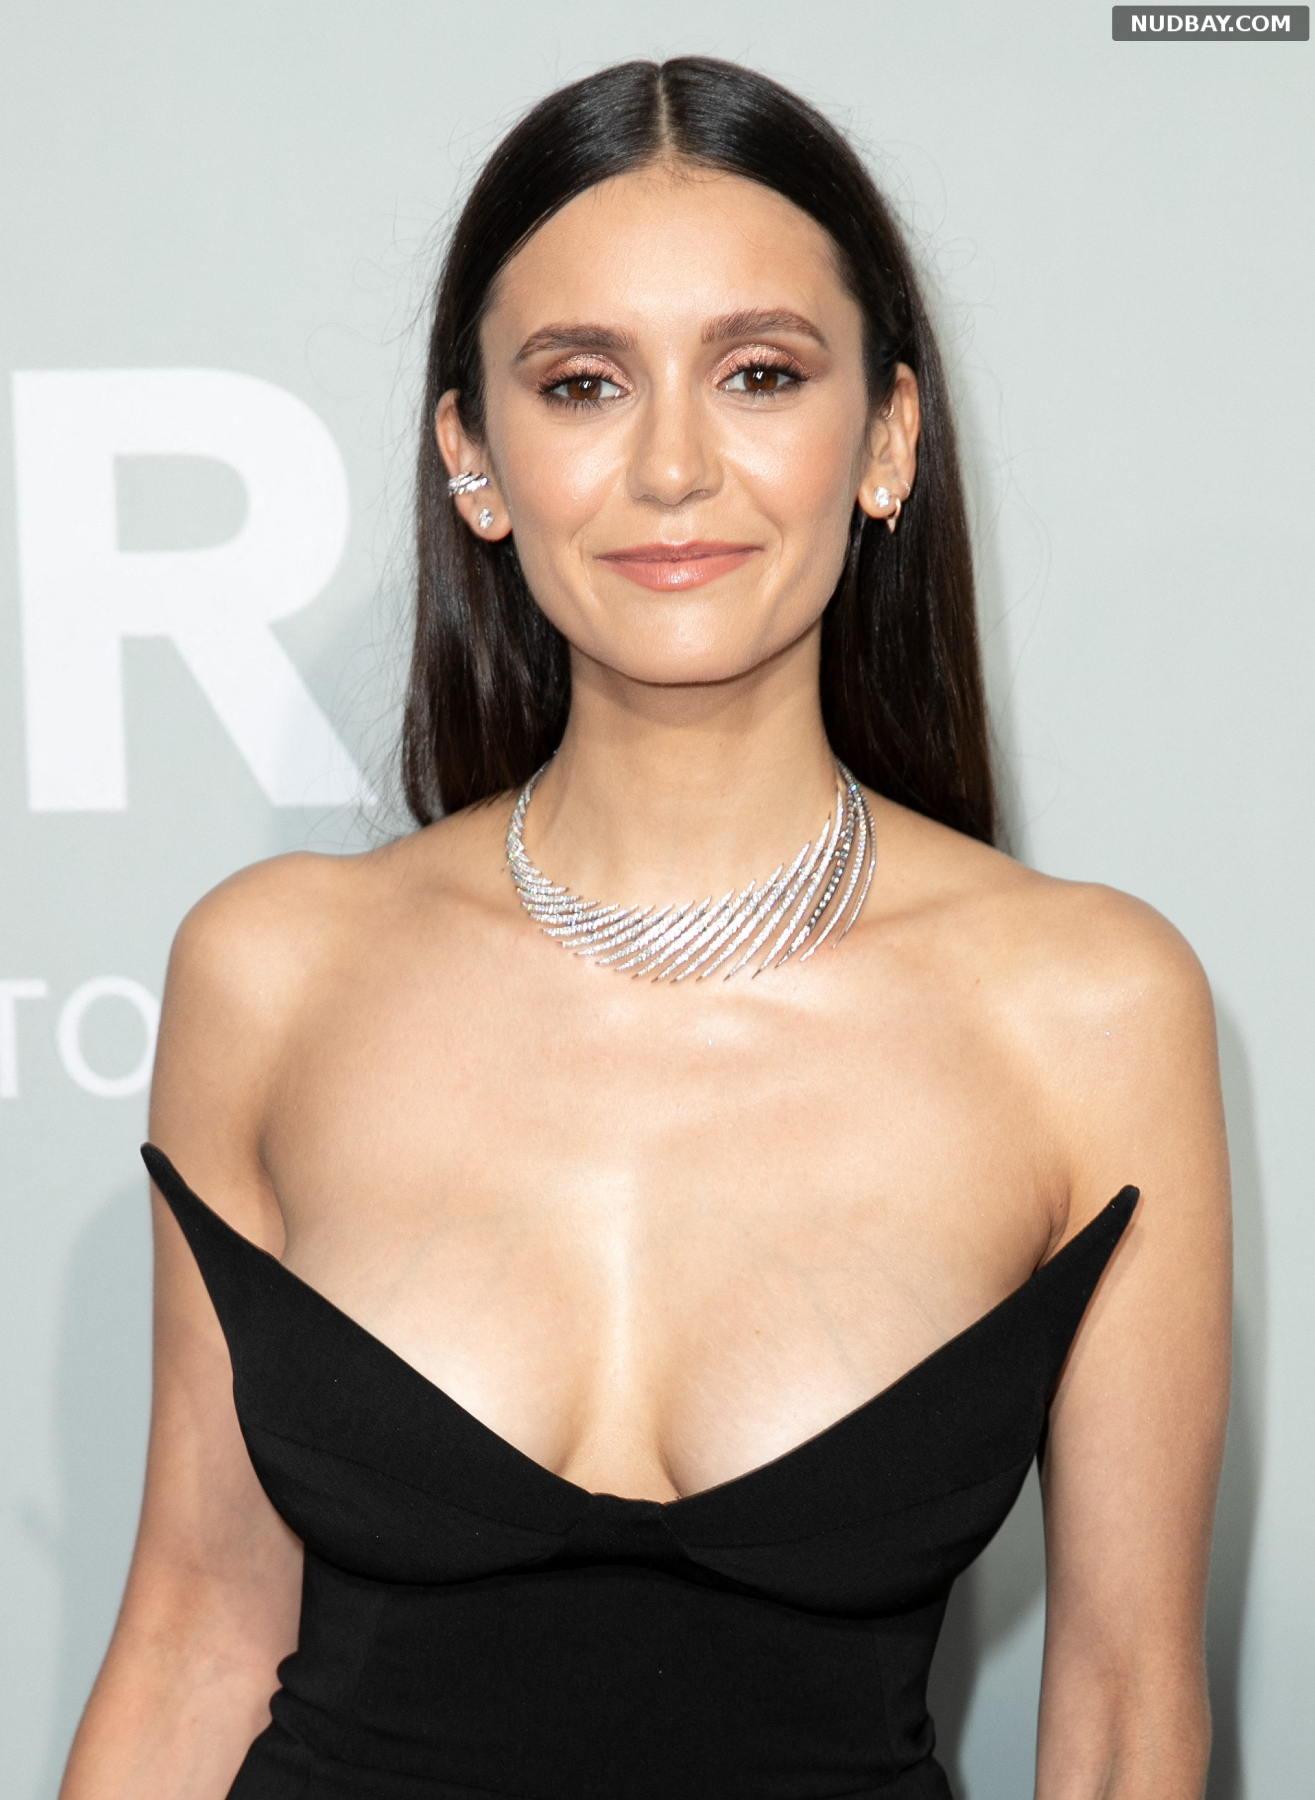 Nina Dobrev nude amfAR Cannes Gala 2021 Jul 16 2021